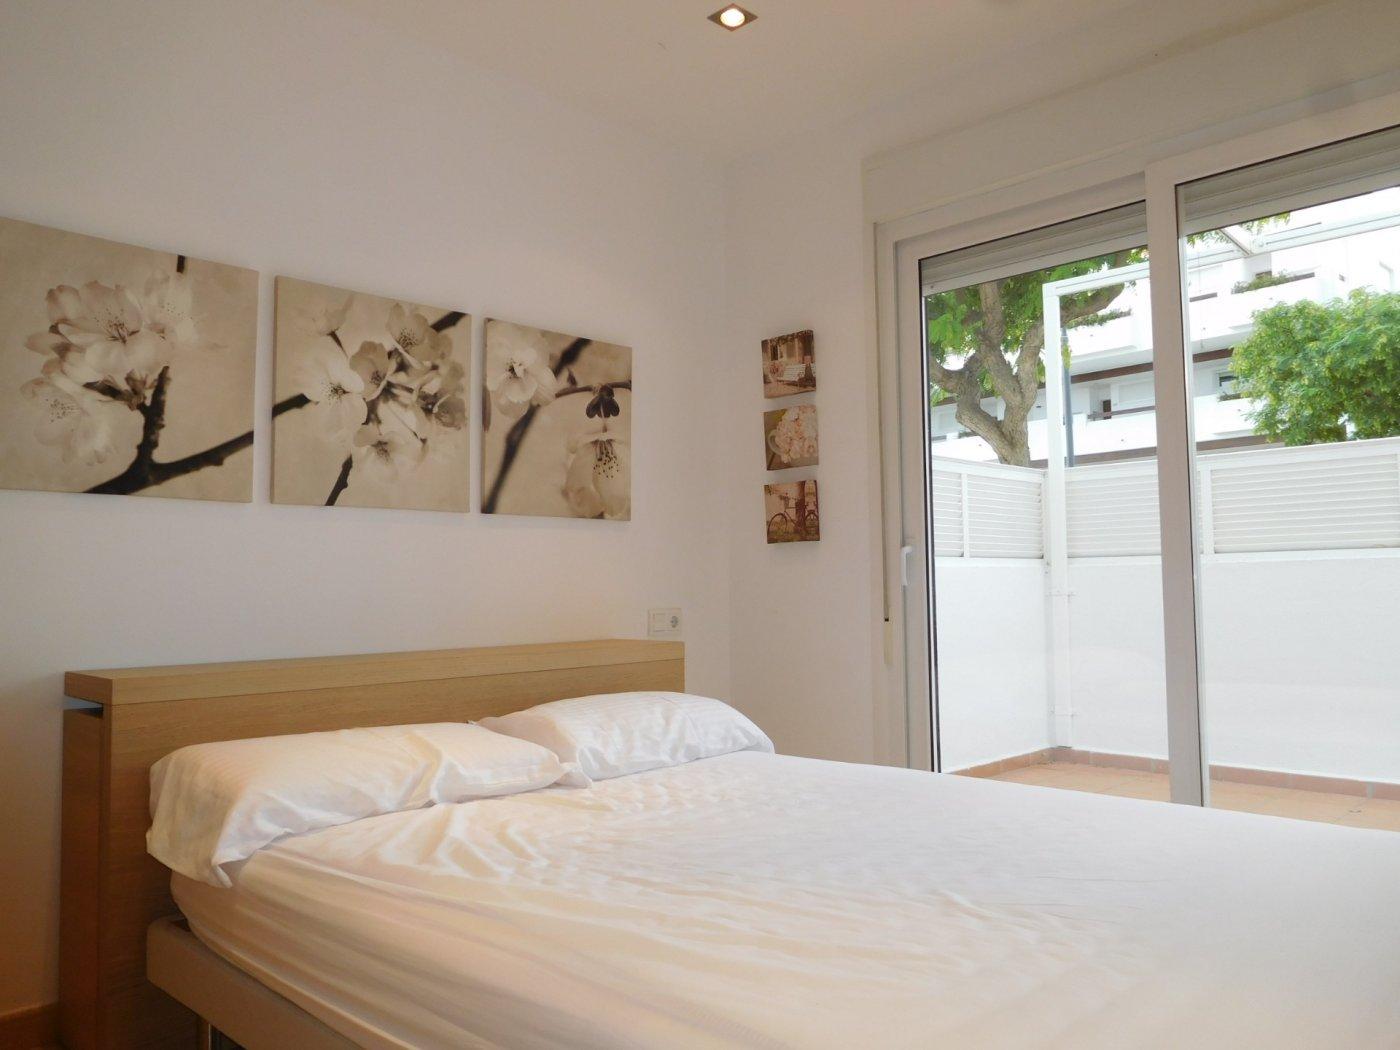 Image 3 Apartment ref 3265-03013 for rent in Condado De Alhama Spain - Quality Homes Costa Cálida